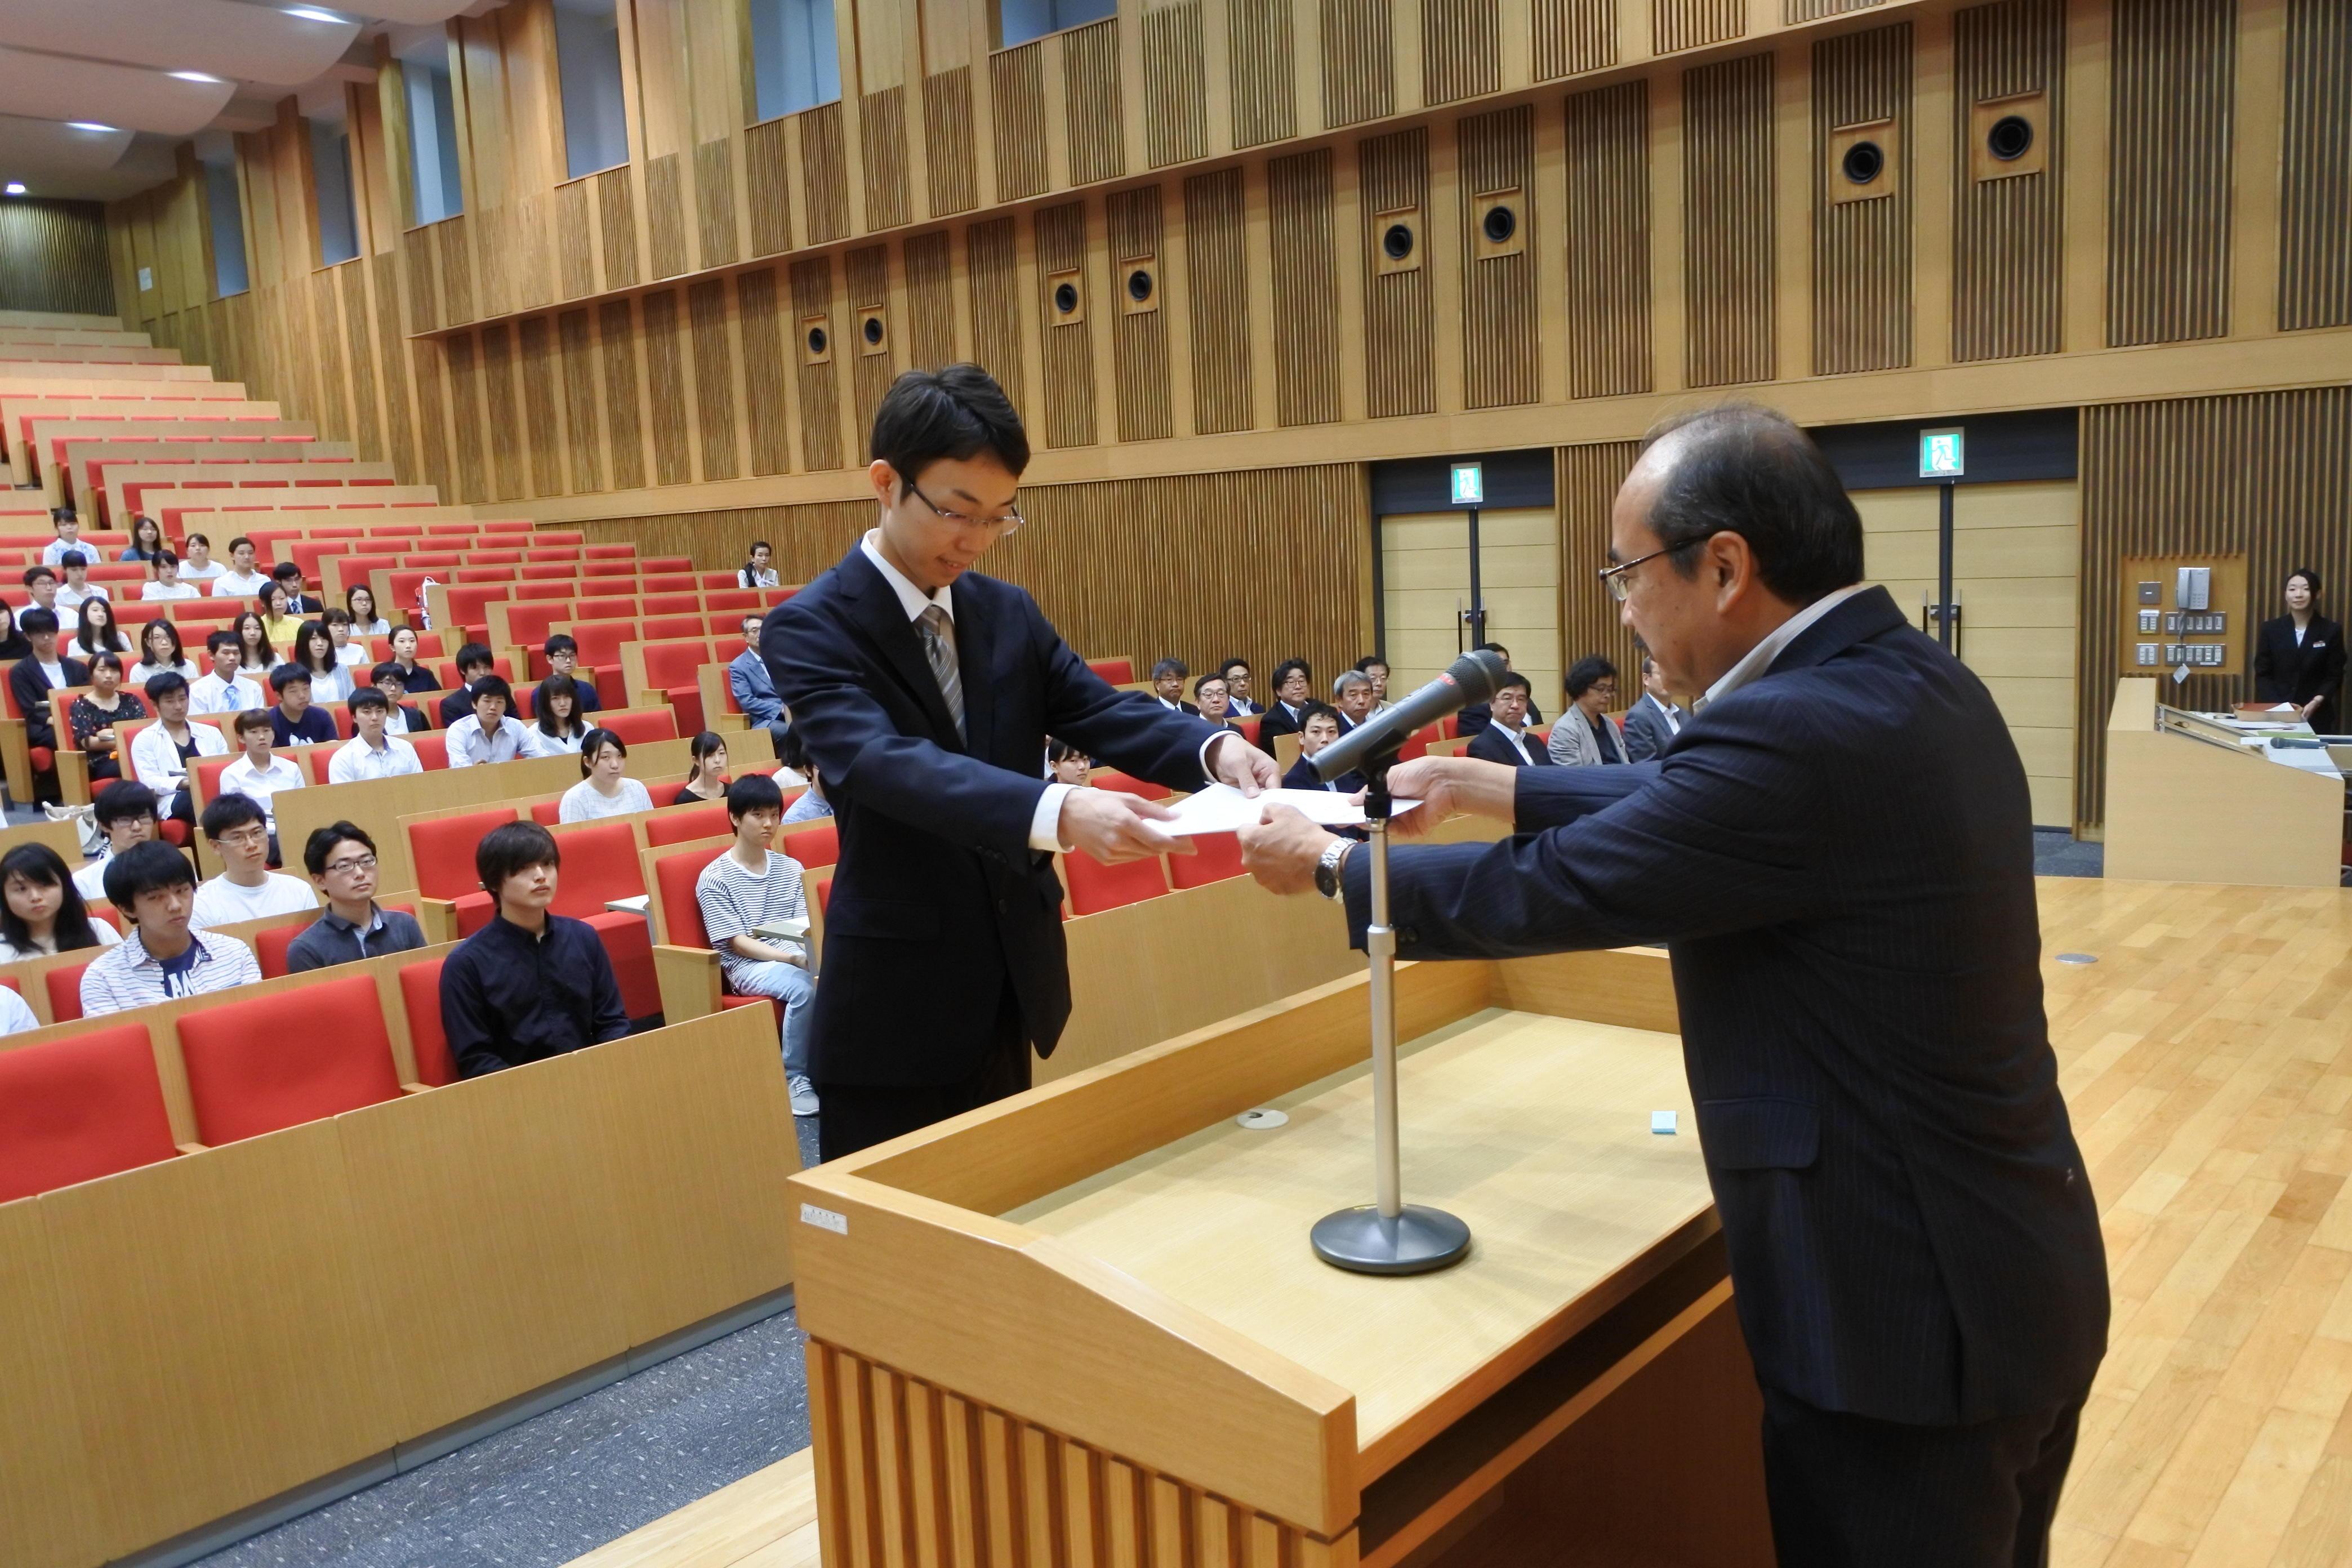 吉久光一学長(右)から学業優秀奨学生決定通知書を受ける保木翔太さん